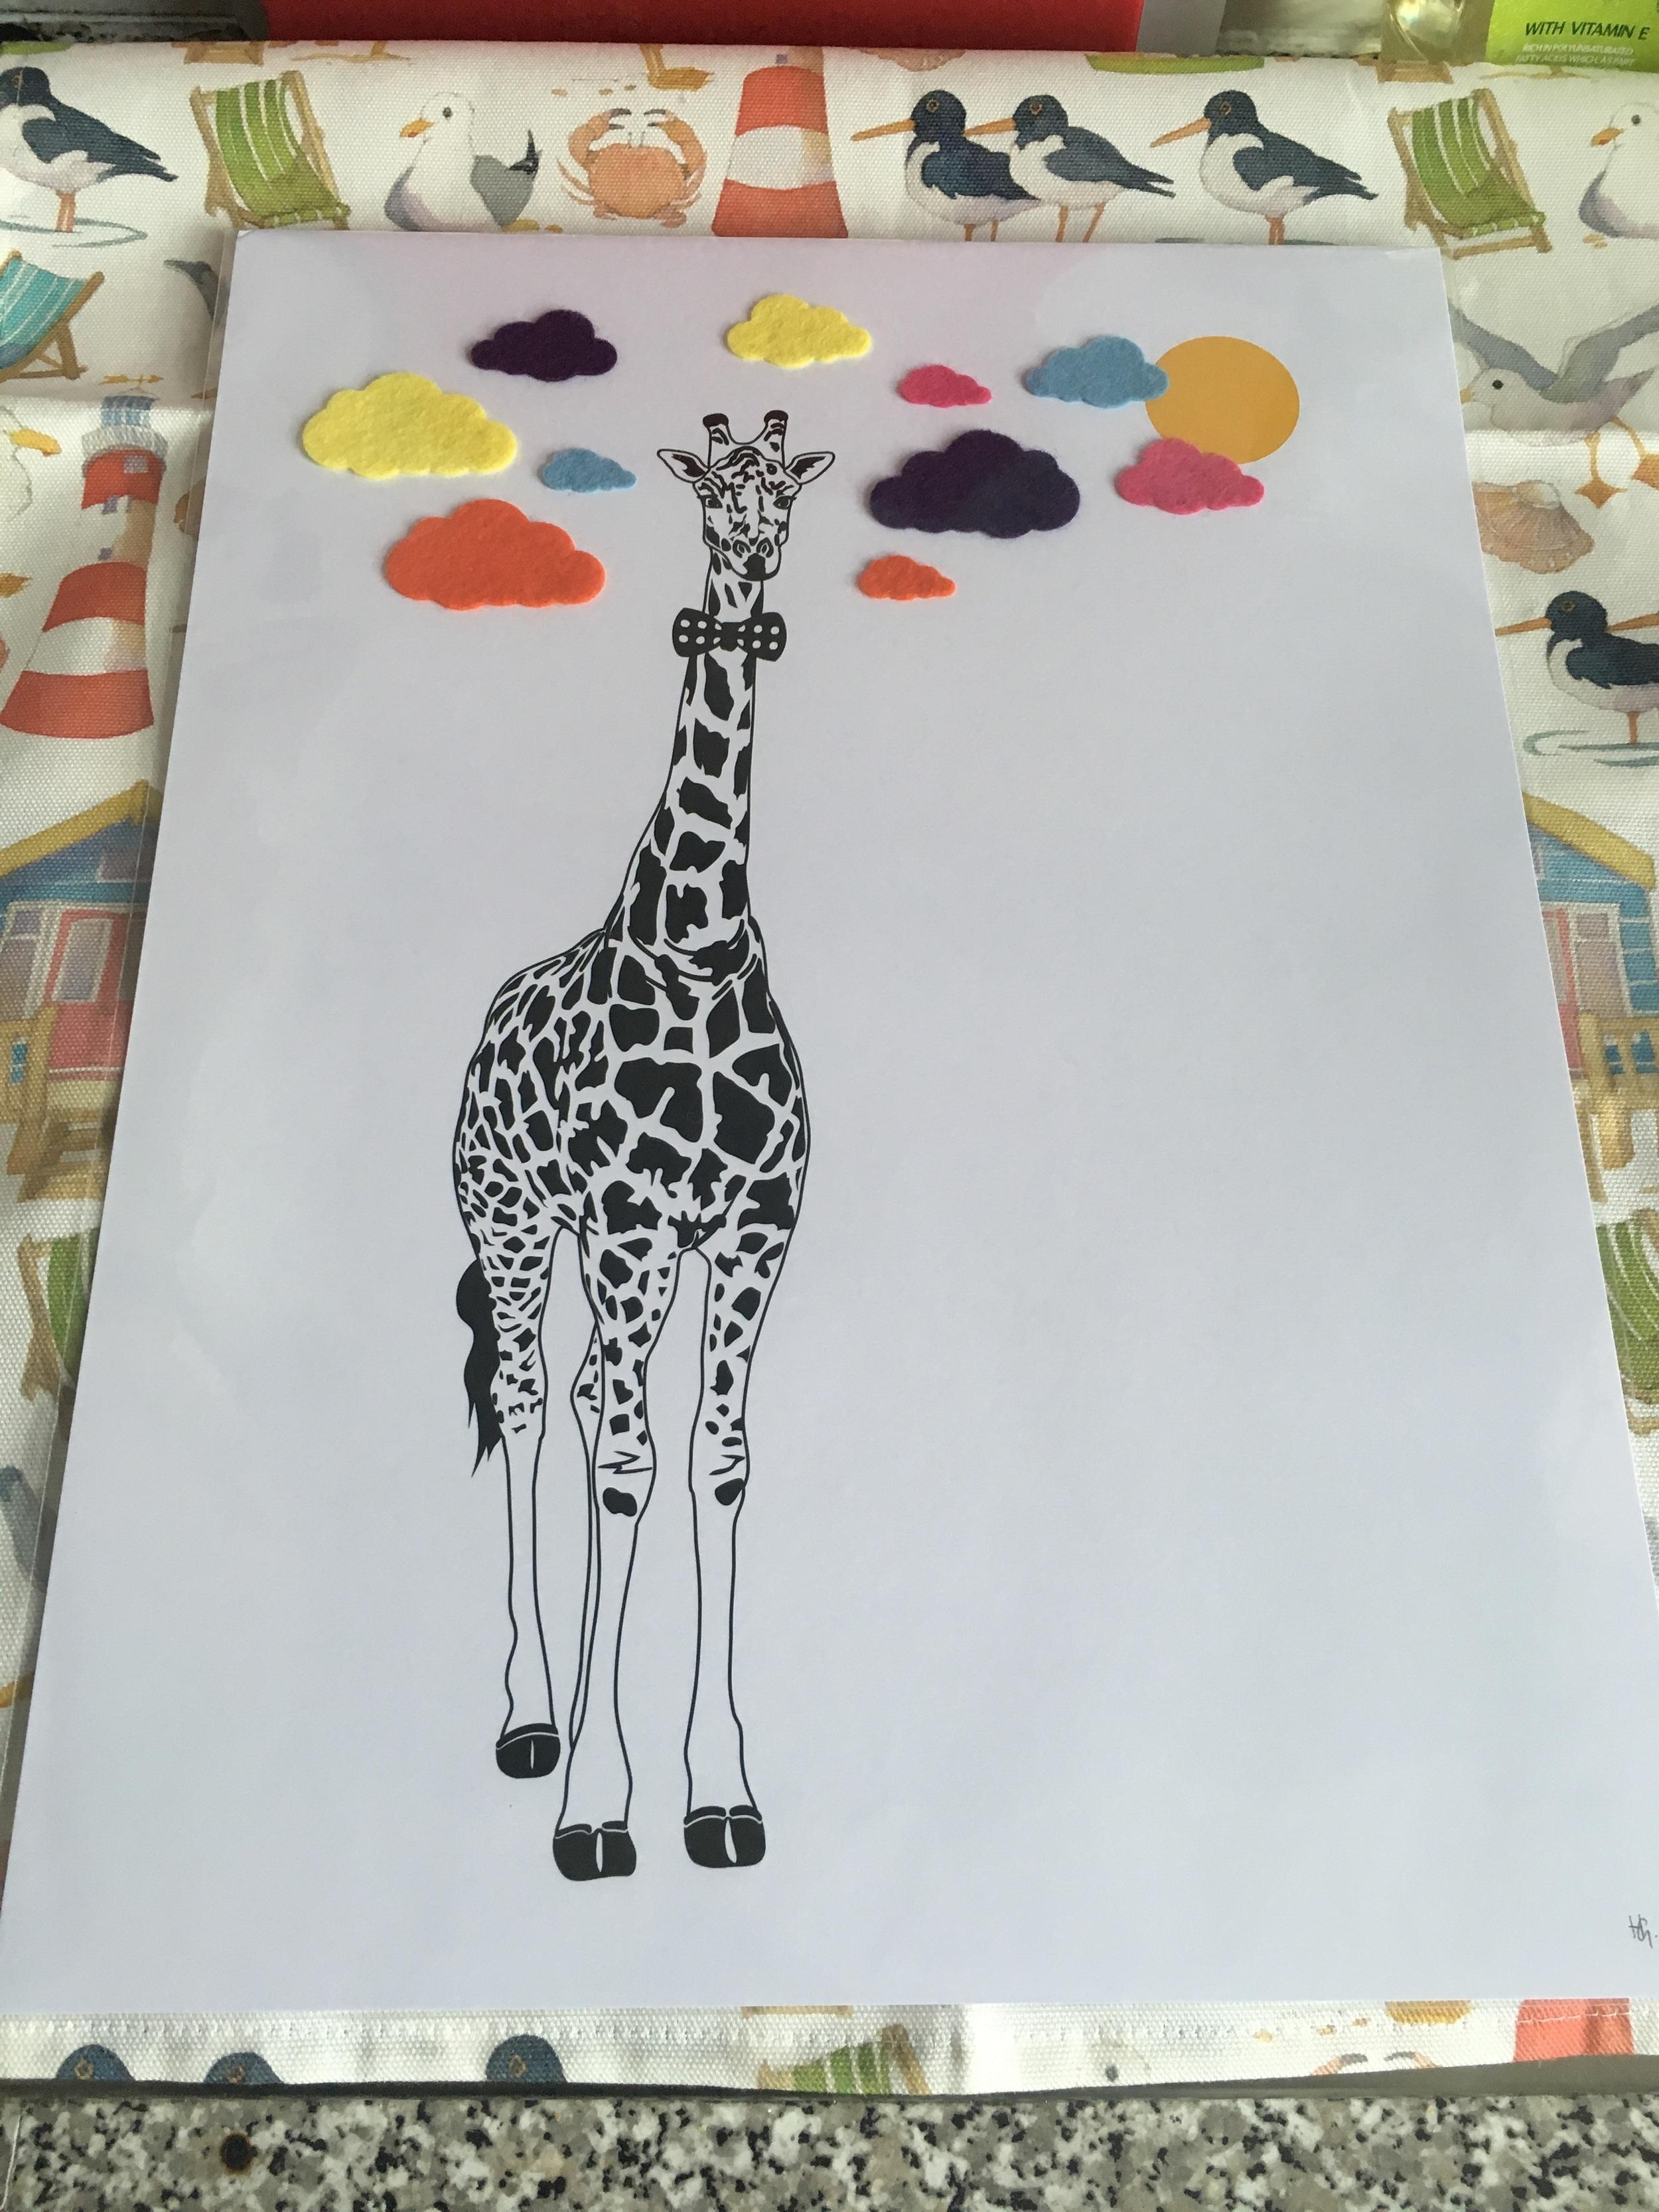 Mrs Penguin loved her giraffe print from Hello Geronimo